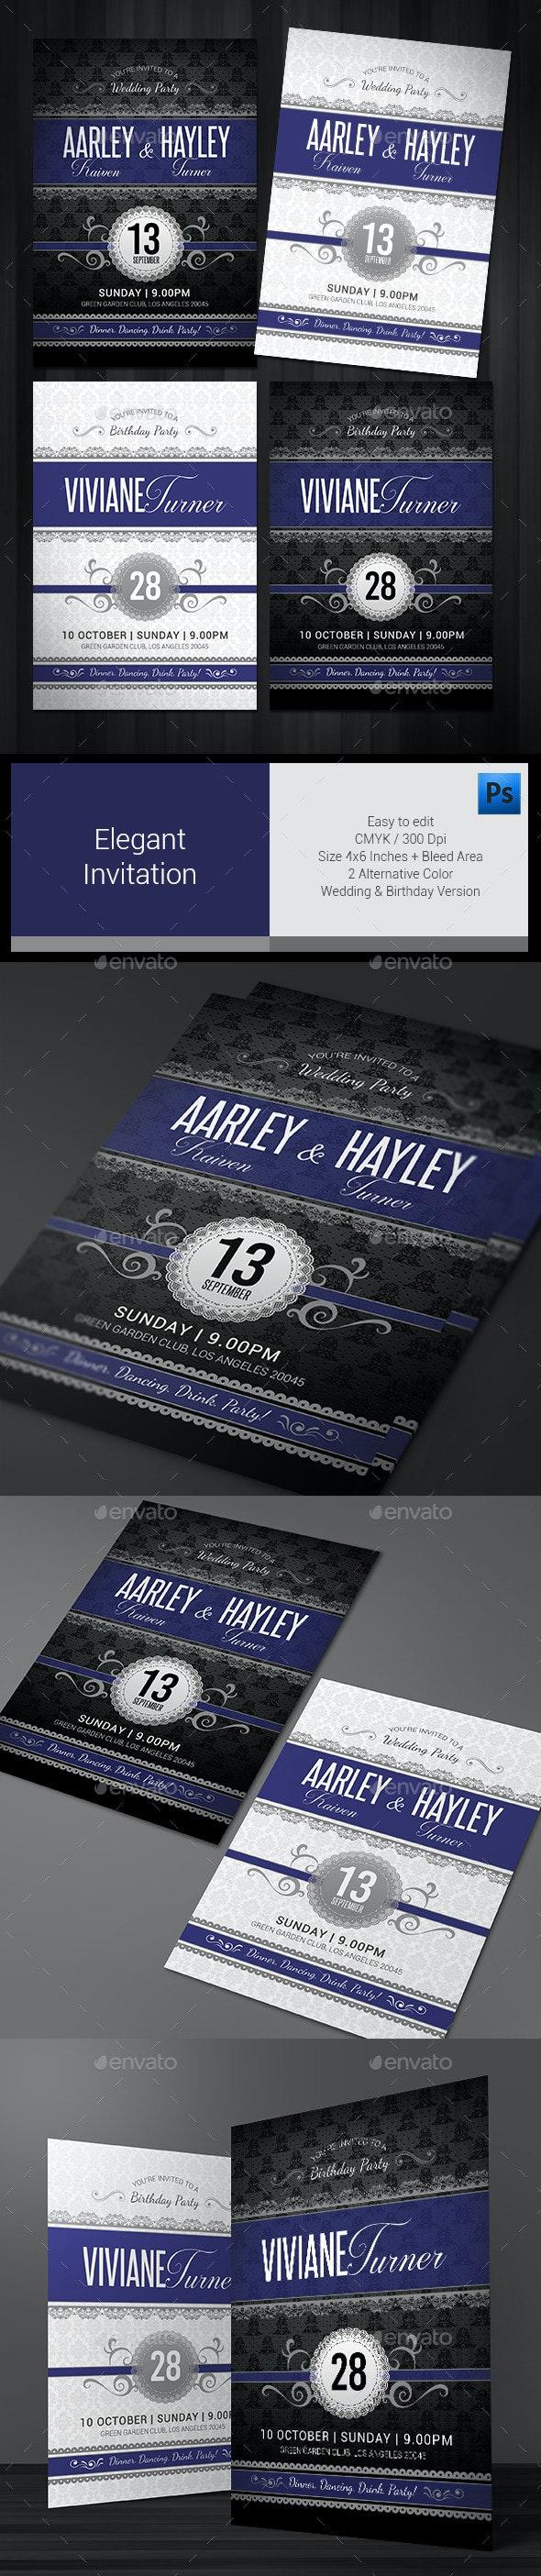 Elegant Invitation  - Invitations Cards & Invites